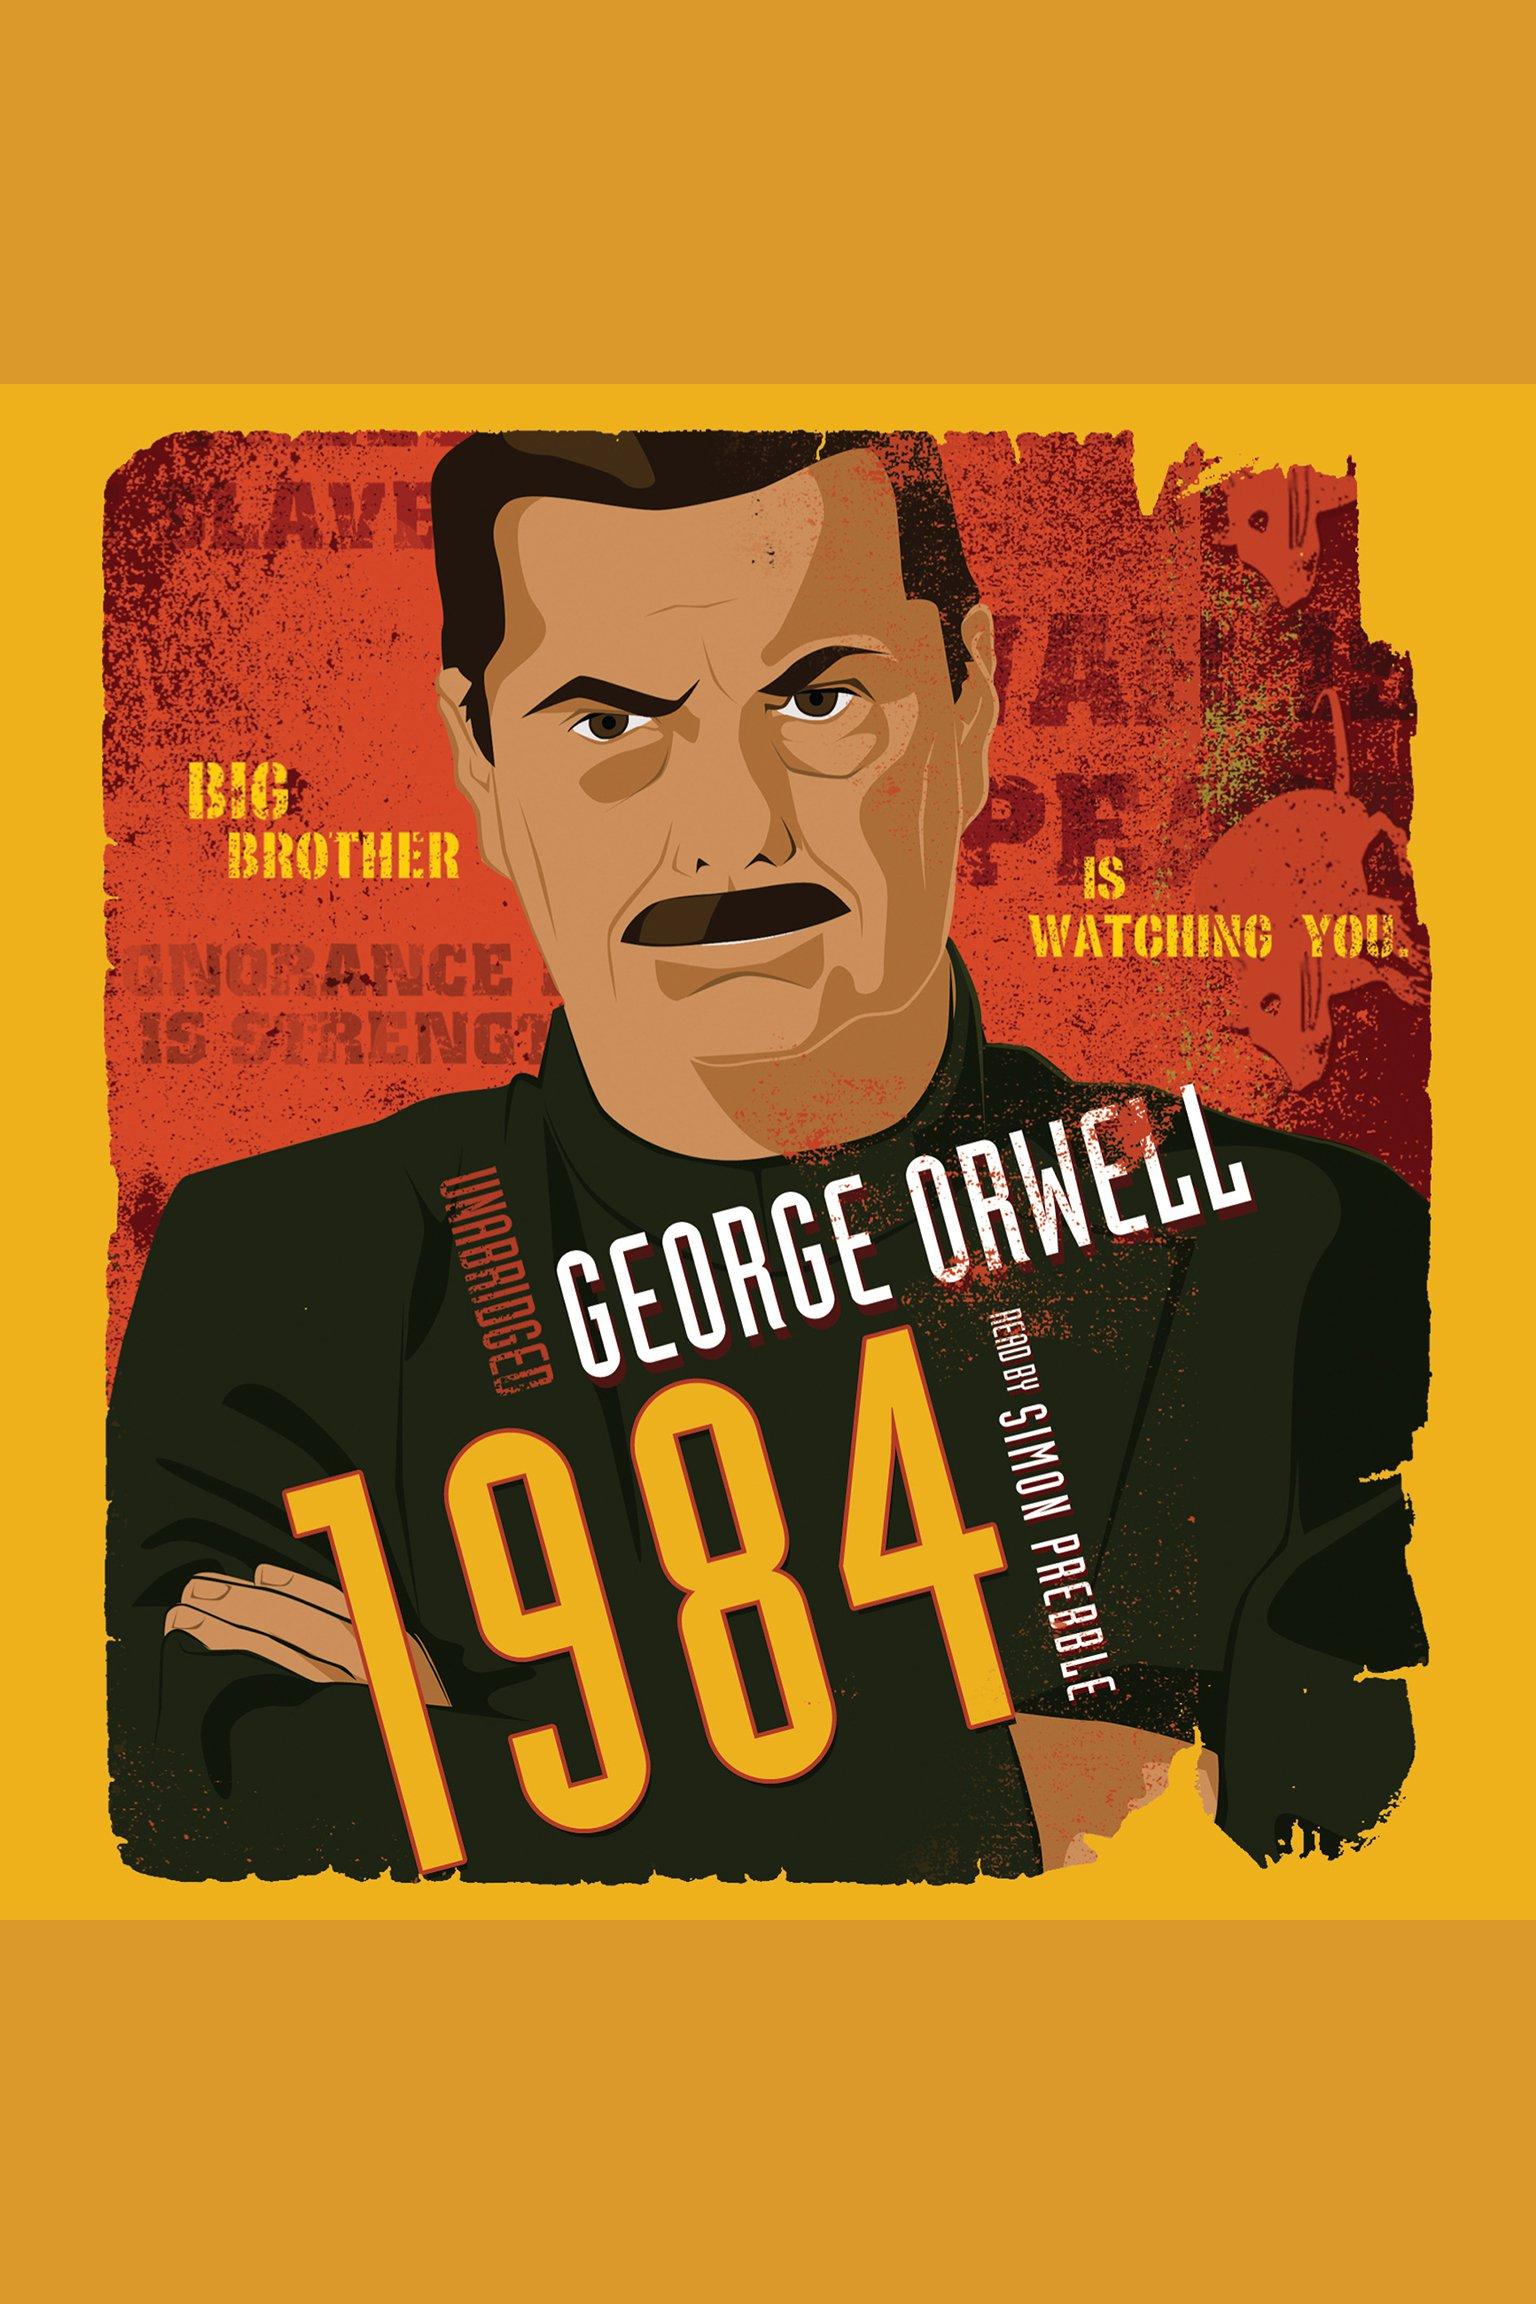 1984 [AudioEbook]